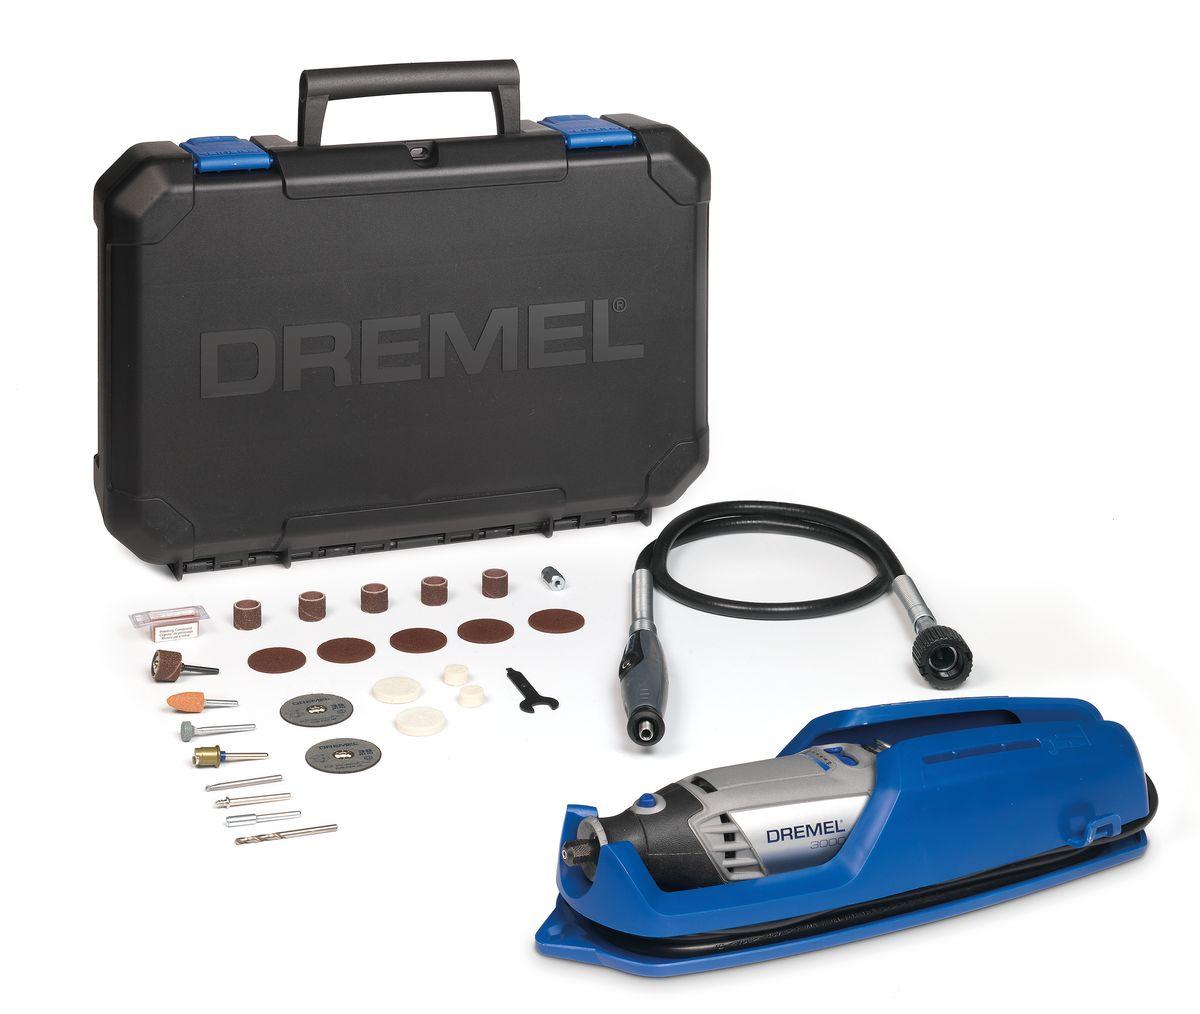 Многофункциональный инструмент Dremel 3000 - 1/25F0133000JTDremel 3000 – идеальный многофункциональный инструмент с новым инновационным наконечником EZ Twist. Благодаря этой новой функции для затягивания и ослабления цанги при смене насадок больше не нужен ключ – механизм ключа встроен в наконечник инструмента. Благодаря легкому корпусу инструмент удобен и прост в использовании. Вы почувствуете все преимущества многофункциональных насадок Dremel, выполняя различные точные работы, такие как резка металла, шлифование камня и дерева, сверление стекла и полирование различных материалов. Данный инструмент Dremel сочетает в себе отличное качество и привлекательную стоимость. Регулируемая скорость 10 000-33 000 об/мин: гарантирует комфортную работу и лучший контроль при ведении инструмента.Цанговый зажим: для легкой смены насадок.Инновационный наконечник EZ Twist: для смены насадок не требуется ключ.Встроенная петля: подвесьте инструмент на держатель недалеко от вашего рабочего места.Сменные щетки.Двигатель мощностью 130 Вт: оптимальная производительность.Рукоятка с мягкой накладкой: минимум вибраций и удобство в работе.Комплектация:Dremel 300025 высококачественных насадок Dremel (включая насадки EZ SpeedClic)Гибкий вал (225)Инструкция по эксплуатацииВместительный и прочный кейс для хранения, со съемным лотком для насадокВ комплект входит уникальная подставка для крепления инструмента, упрощающая хранение вашего инструментаТехнические характеристики:Входная номинальная мощность: 130 ВтНапряжение: 230 ВВес: 0,55 кгДлина: 19 смЧастота вращения на холостом ходу: 10.000 33.000 об/минРегулировка скорости: ПеременнаяСистема быстрой замены насадок: Да: EZ Twist